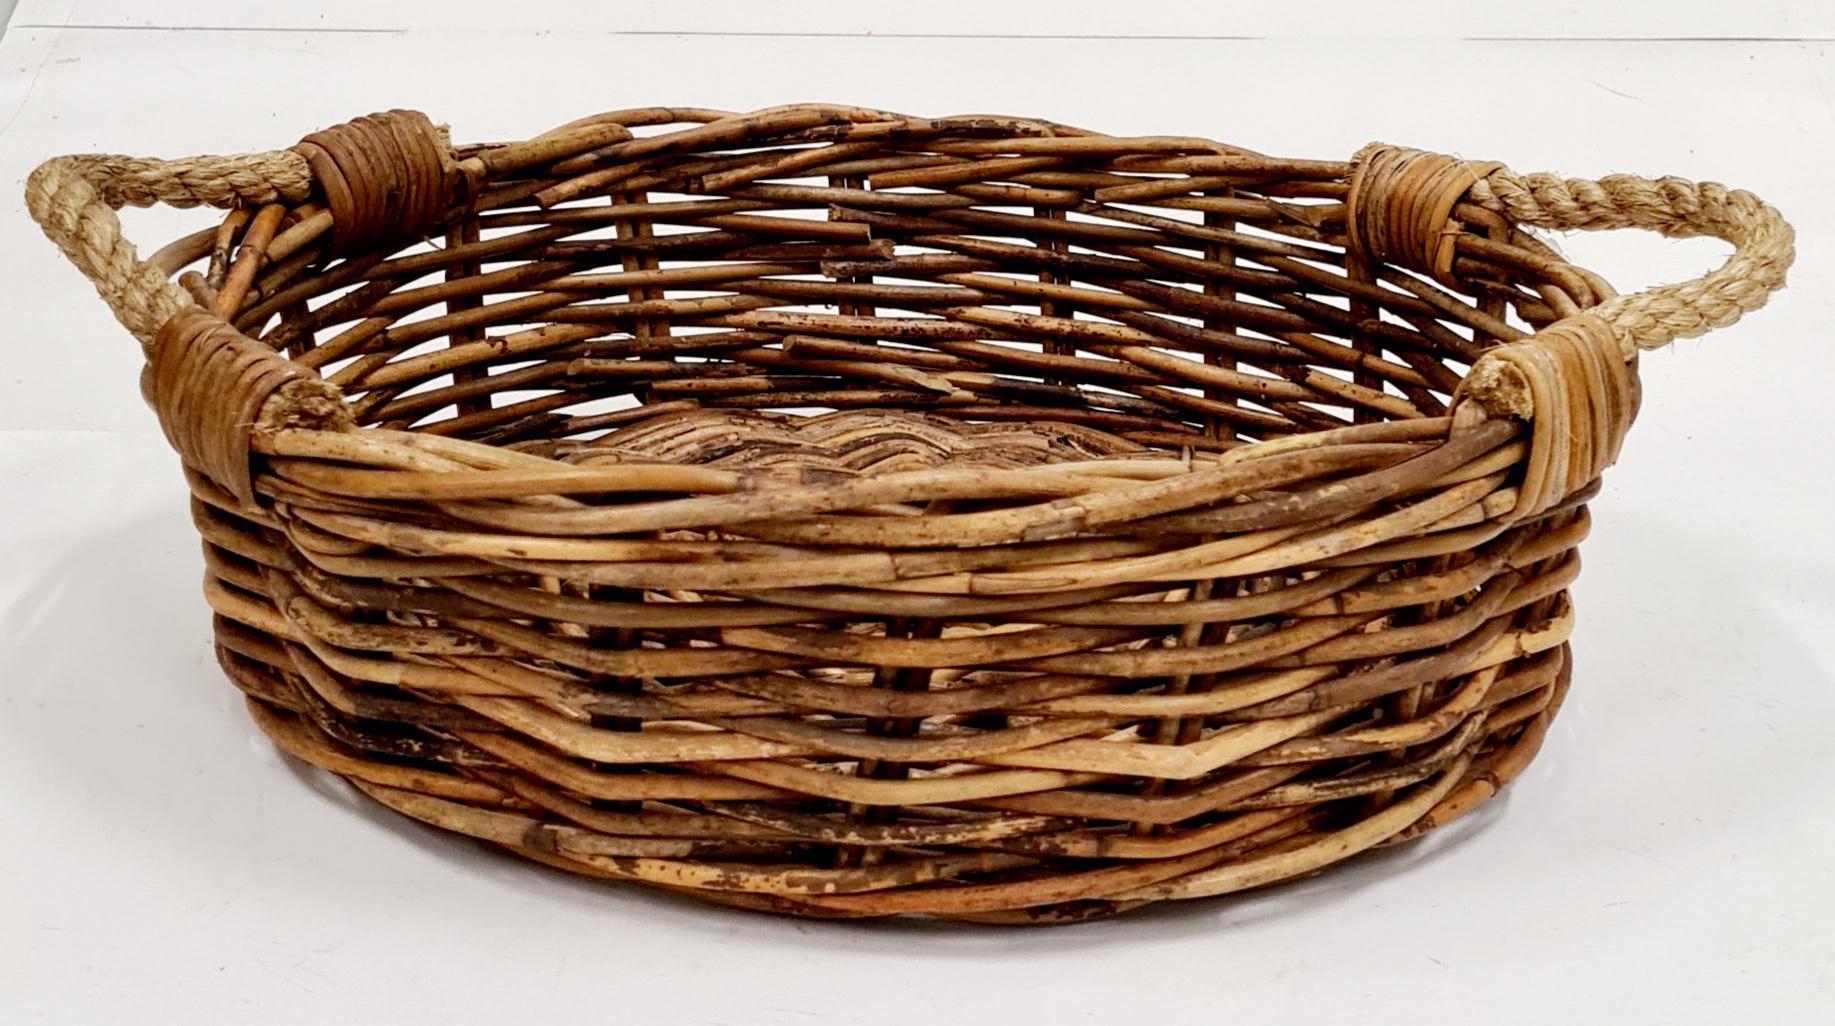 Корзина д/хранения №2 ротанг коричневый, натуральный